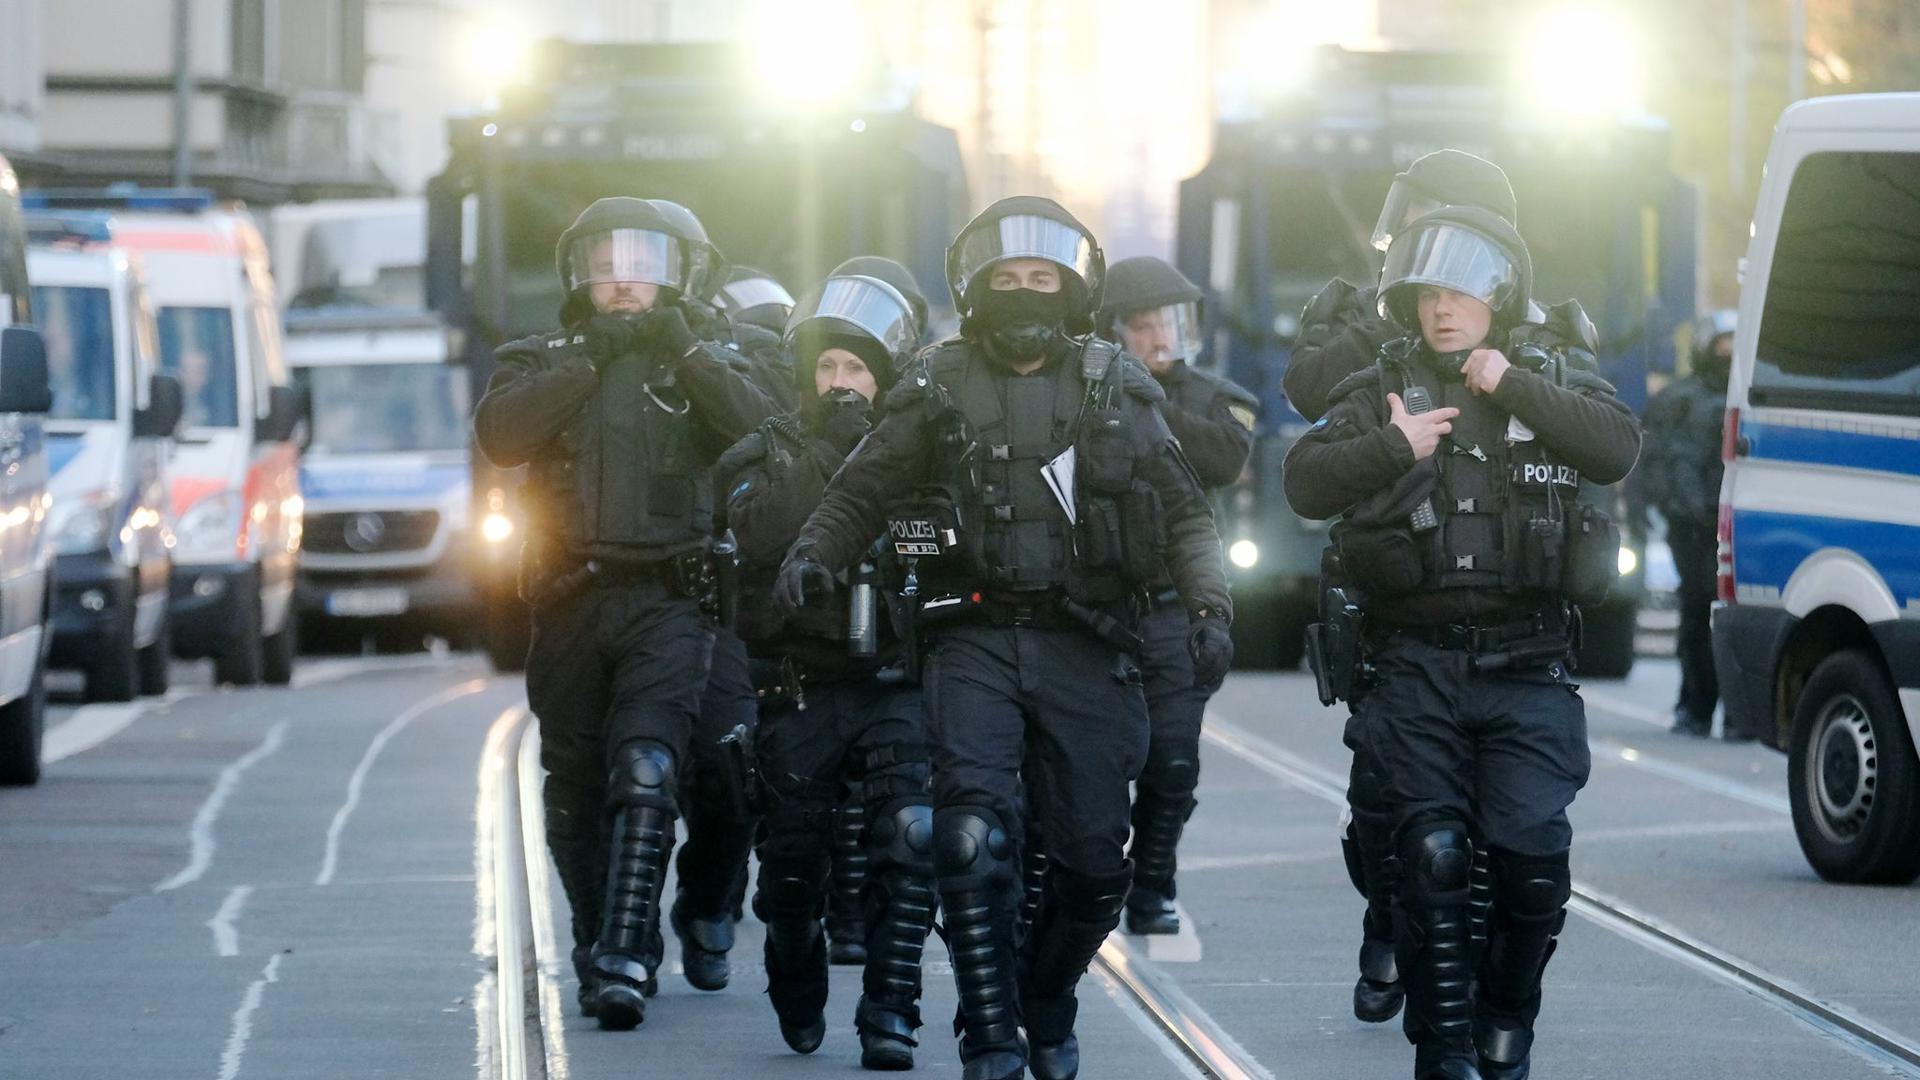 Polizisten sind im Einsatz. In Leipzig hatten sich Gegner der Corona-Politik versammelt - parallel gab es größere Gegenproteste.